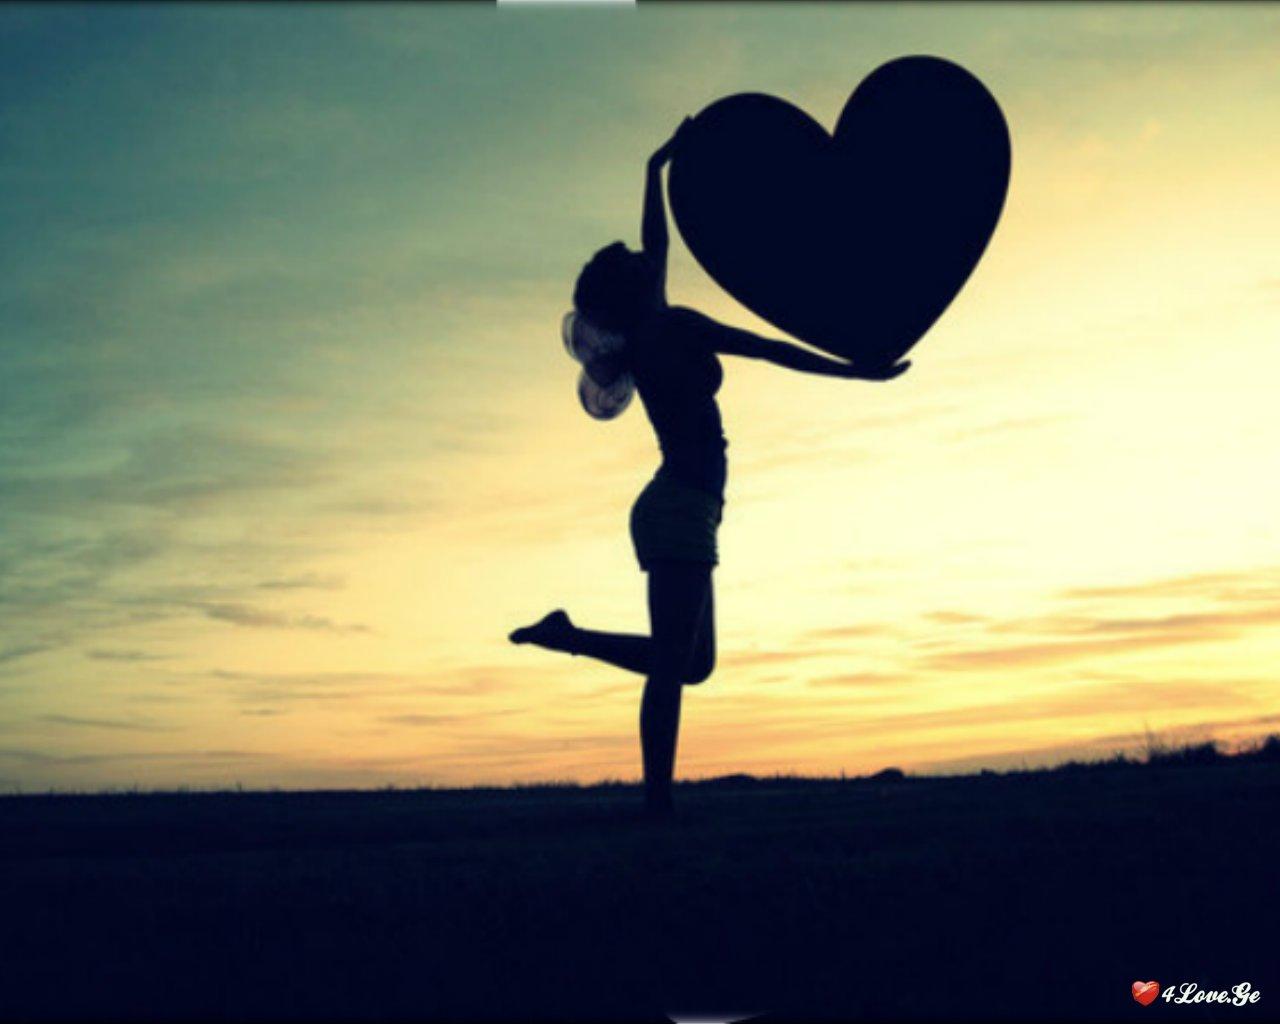 სიყვარულისთვის შევეწირები...